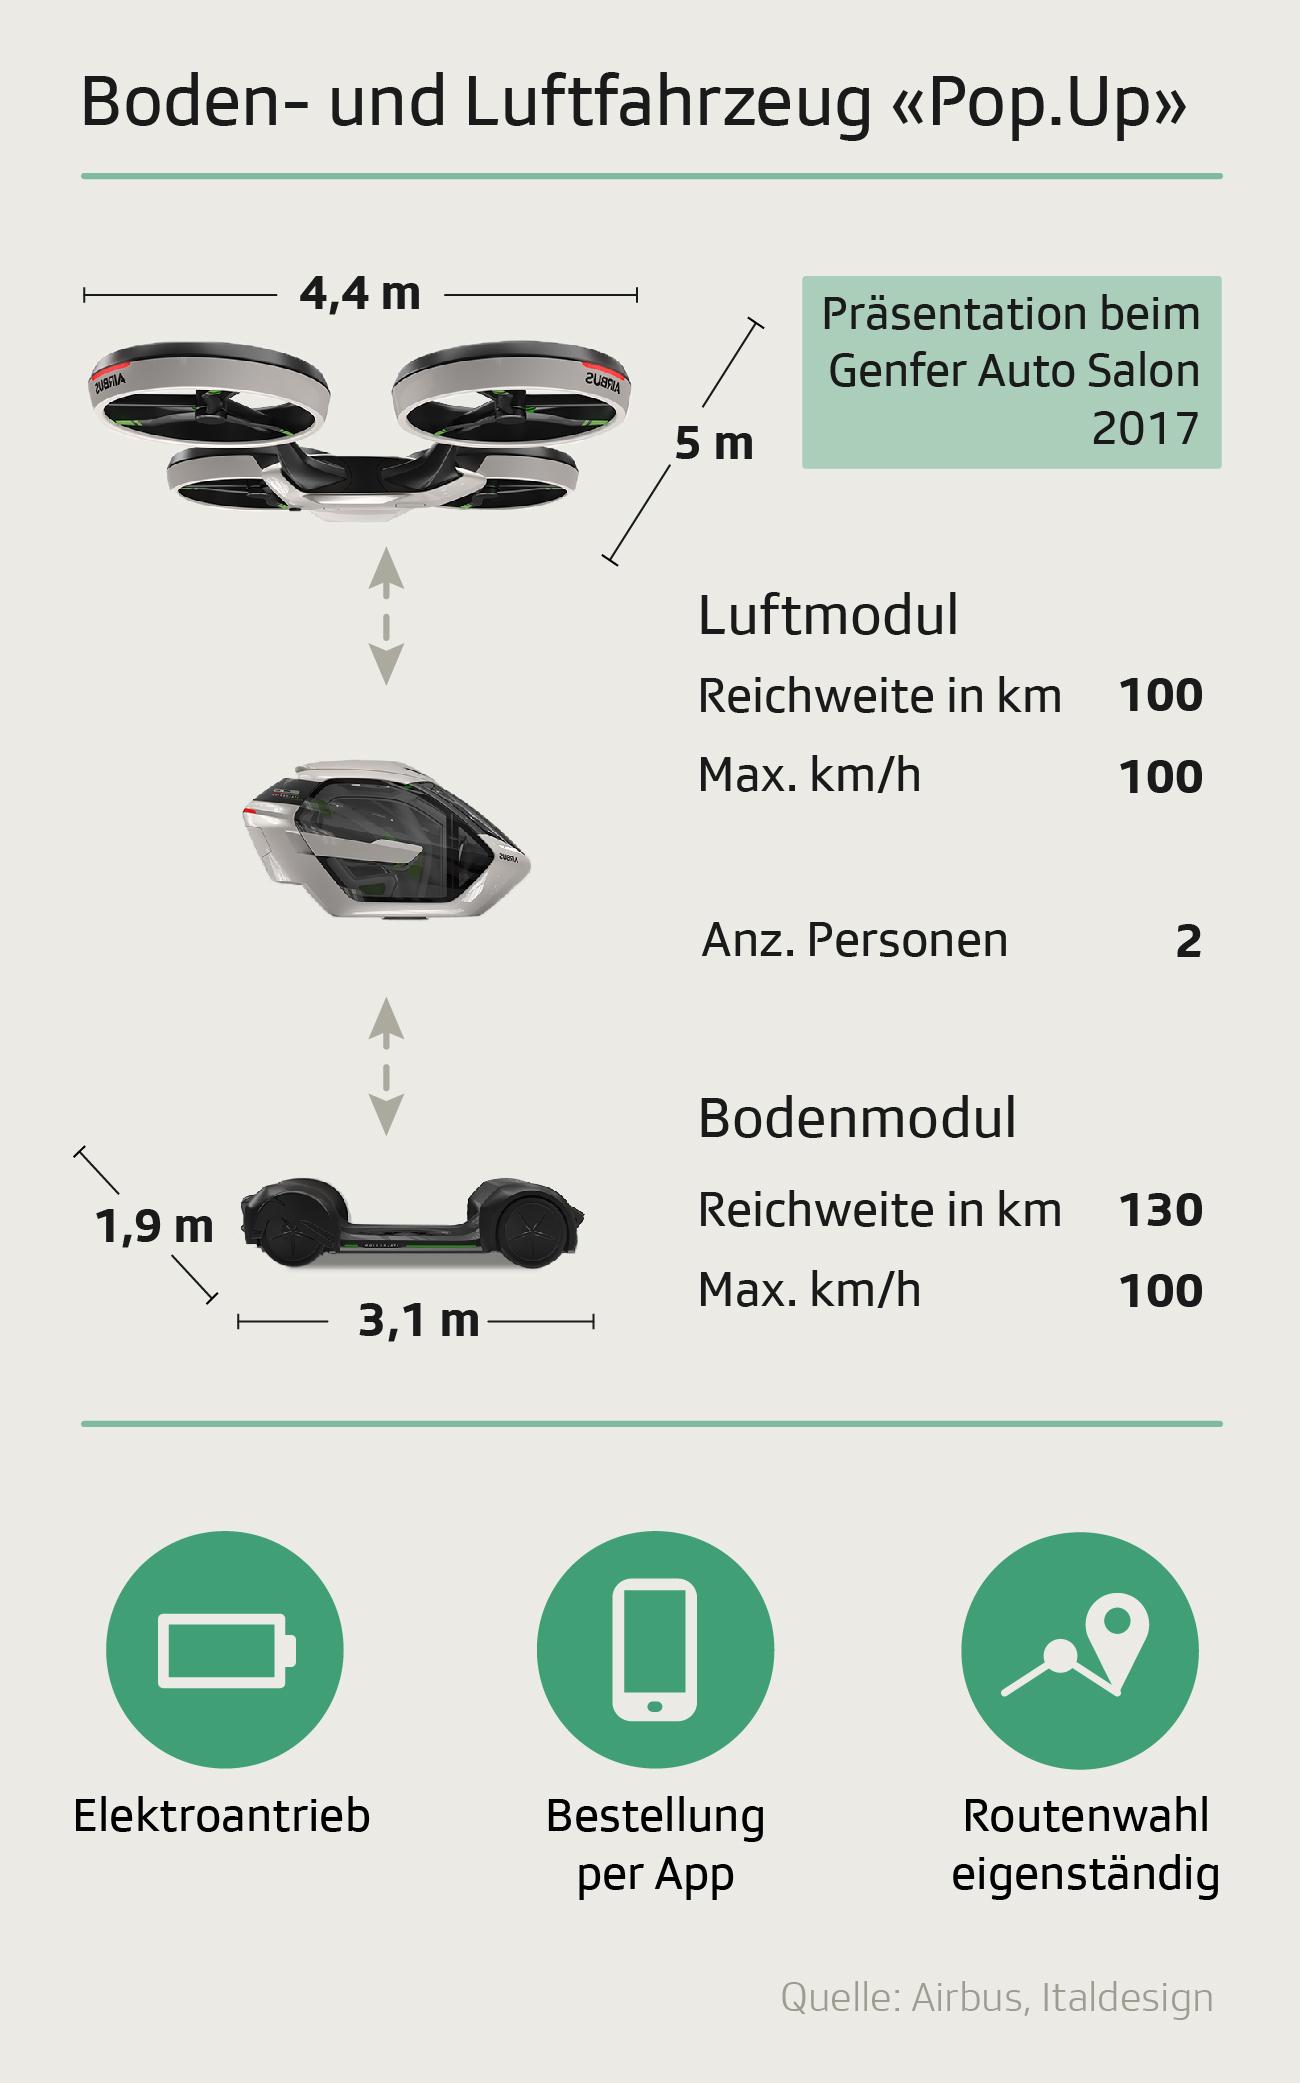 Das Boden-Luft-Fahrzeug Pop.Up mit einigen Daten